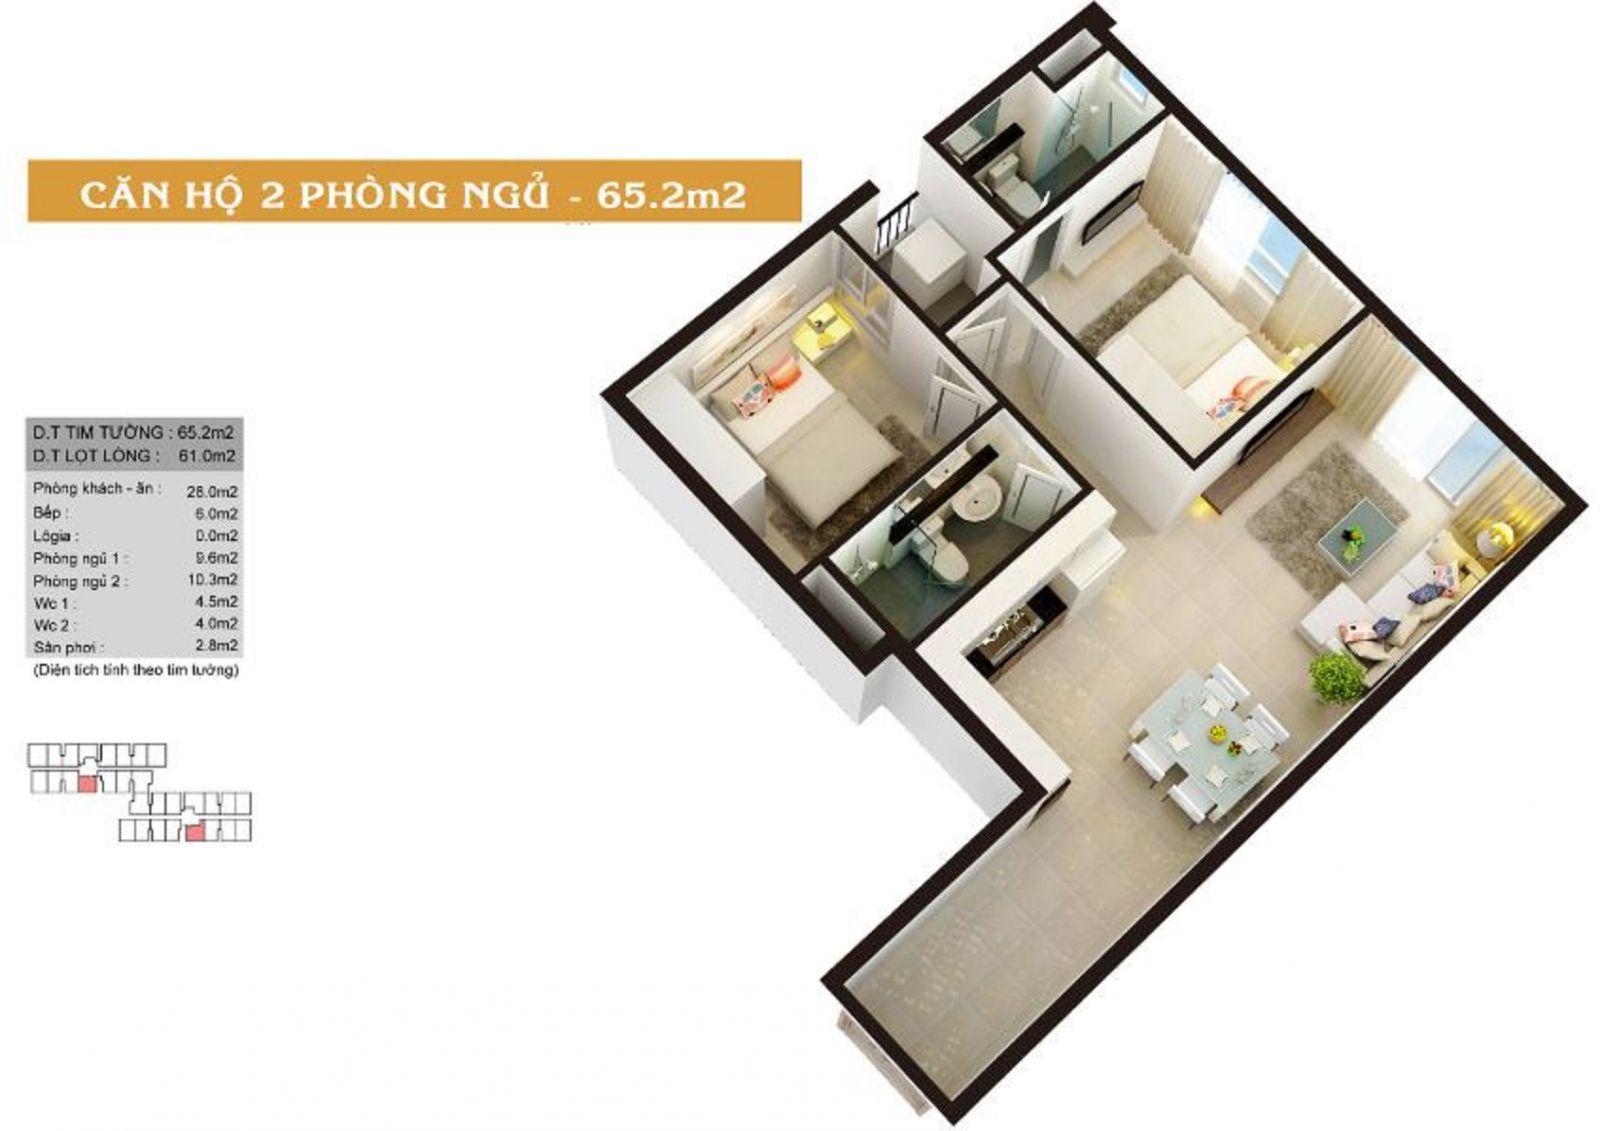 Thiết kế căn hộ 2PN diện tích 65.2m2